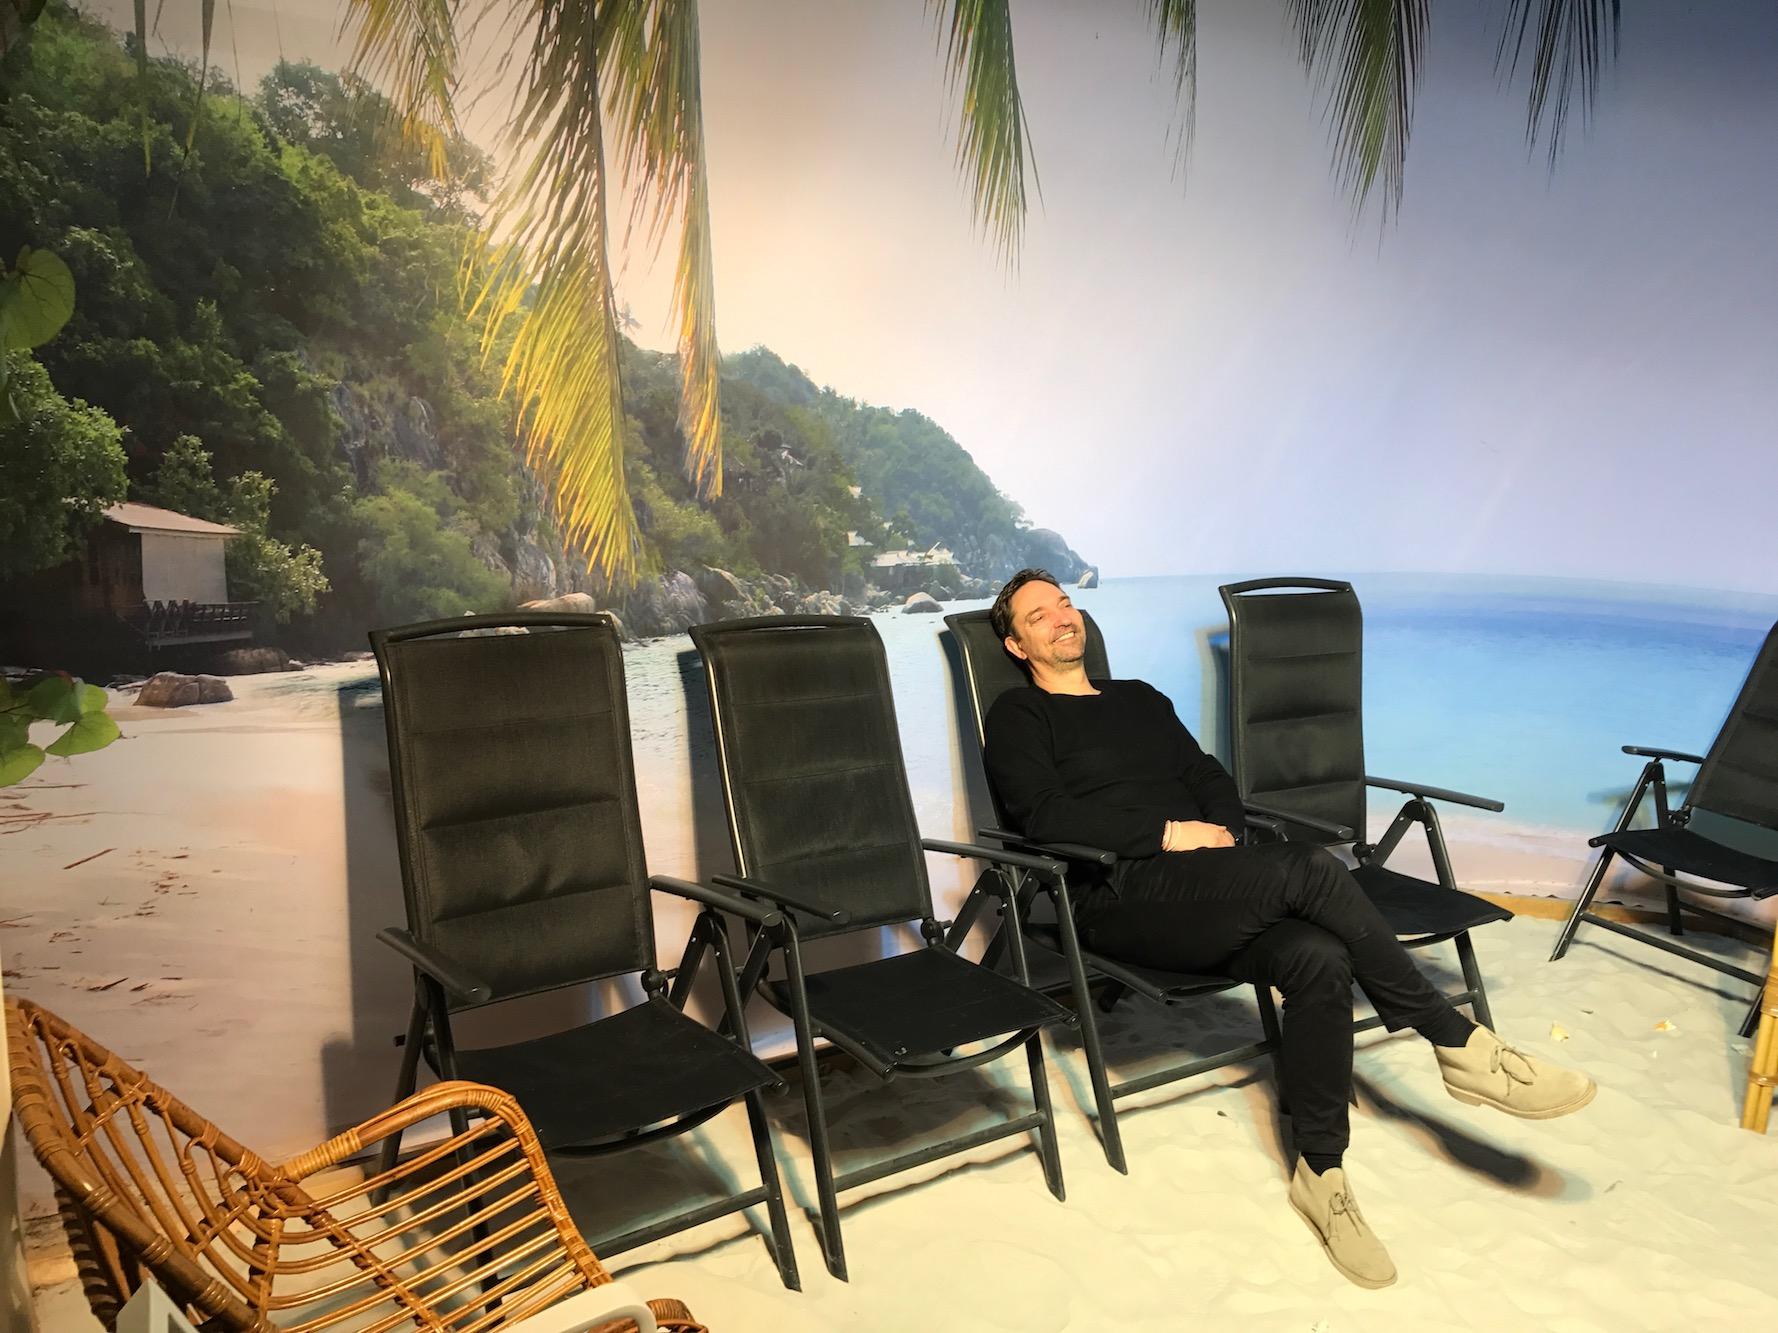 'Kwaliteit van leven doet leven', symposium over de strandkamer in de Vreugdehof te Amsterdam (Dutch)